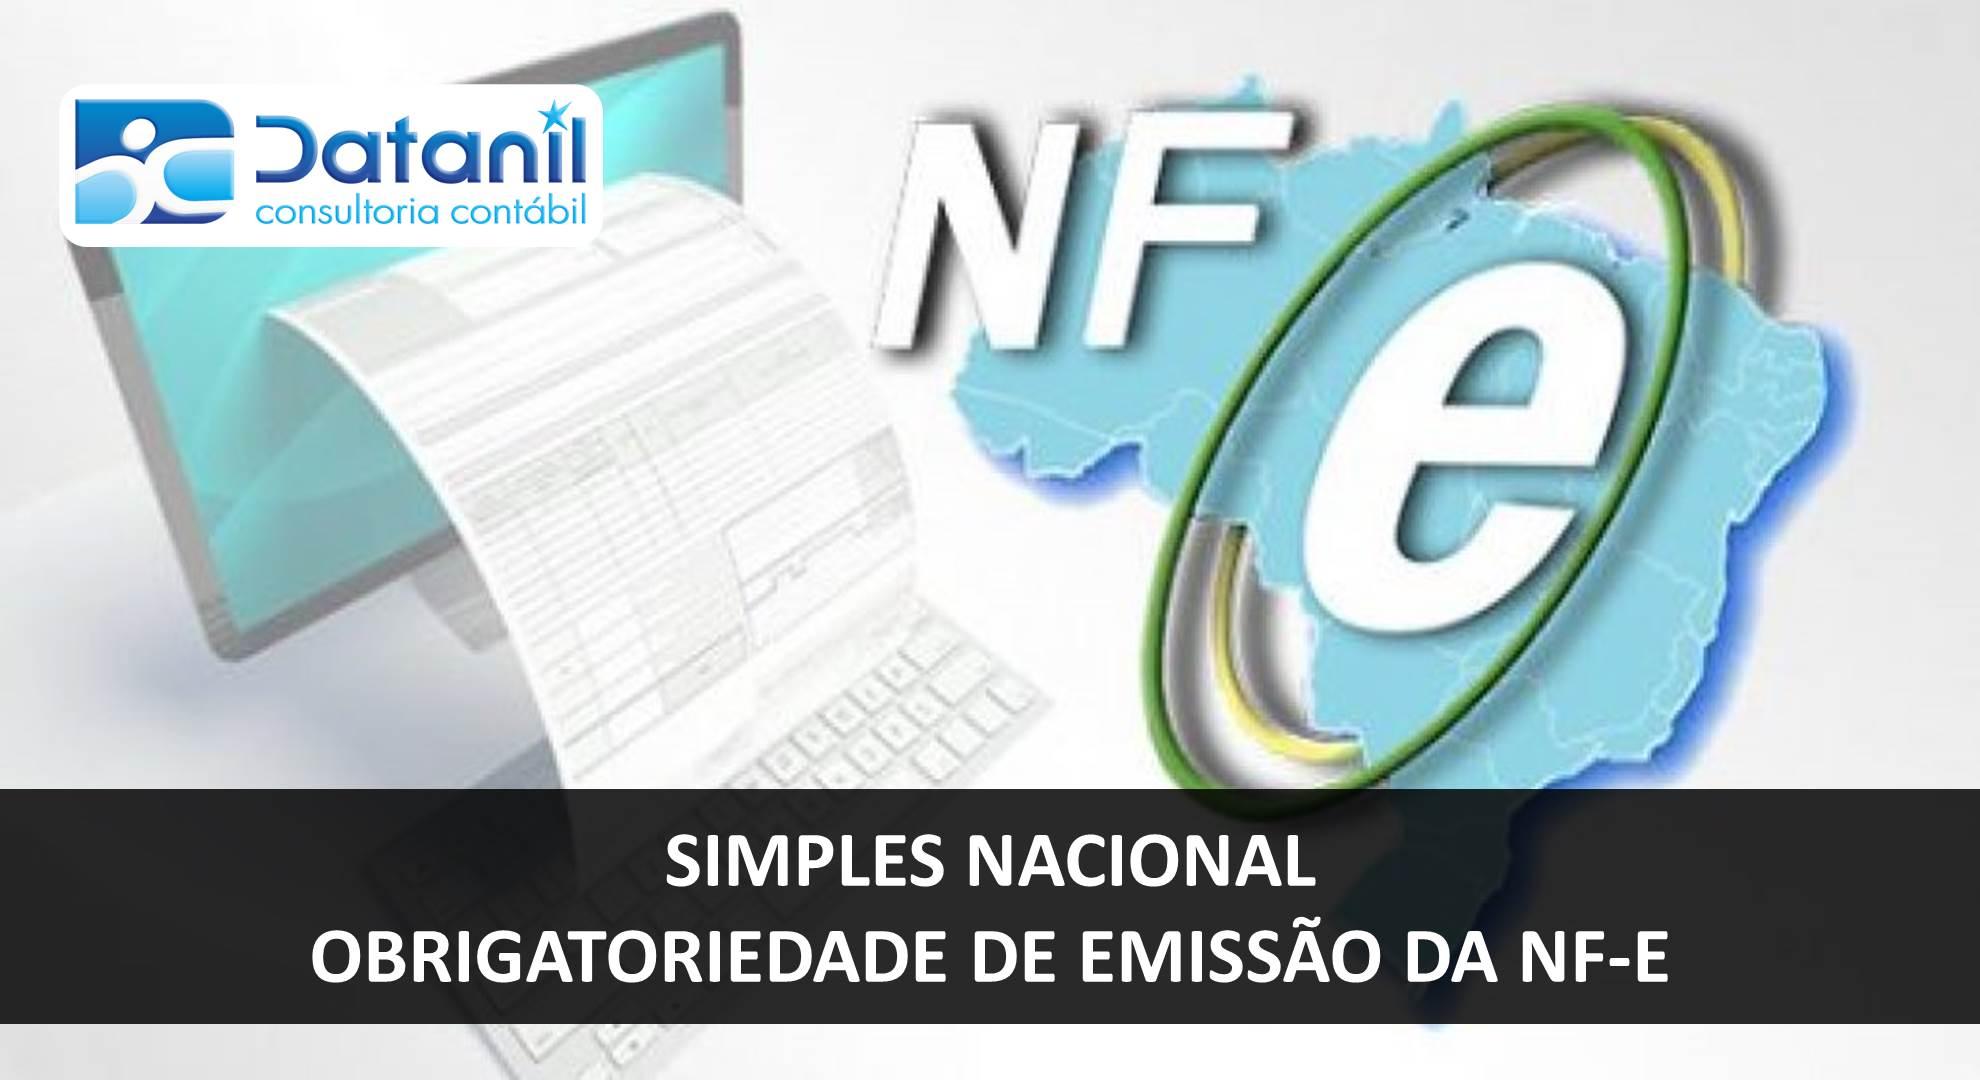 Simples Nacional – Obrigatoriedade De Emissão Da NF-e